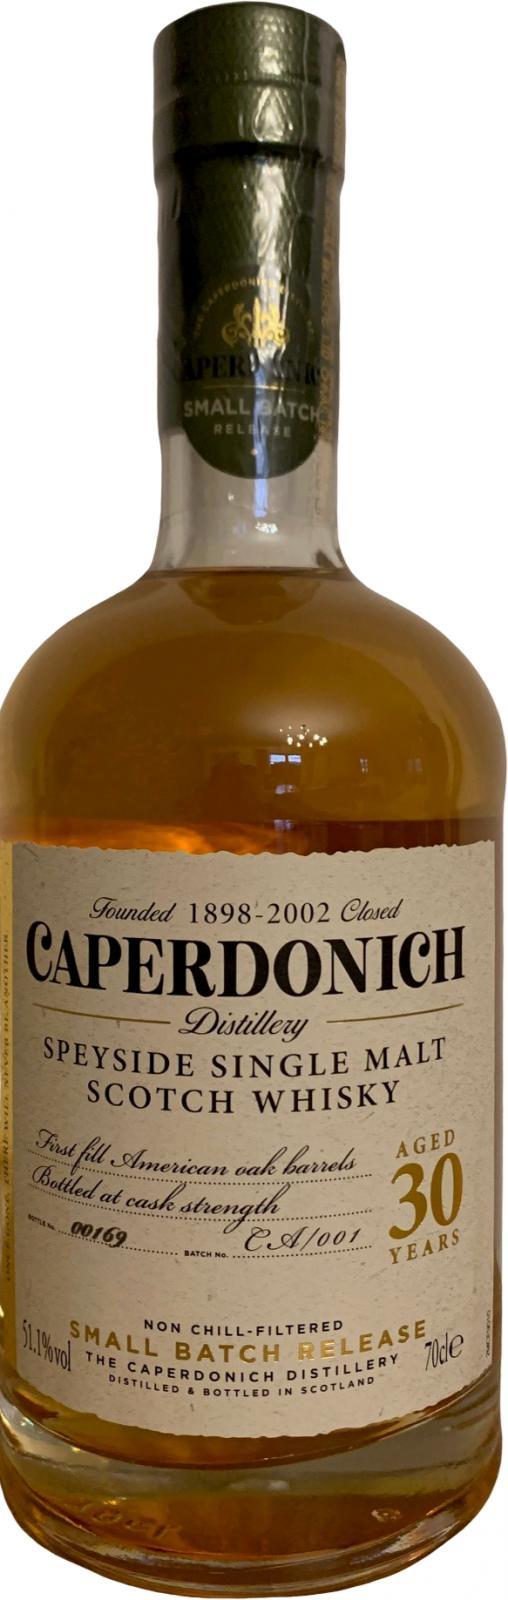 Caperdonich 30-year-old